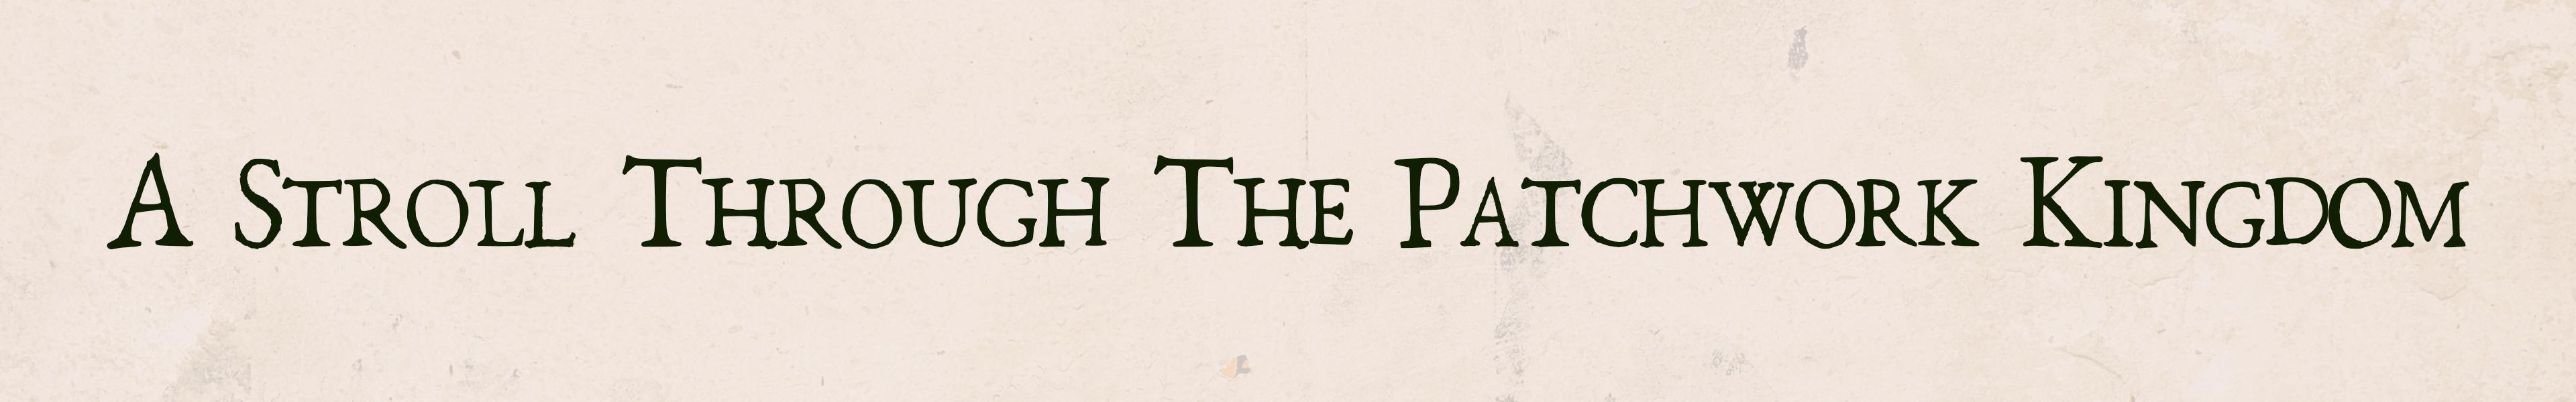 A Stroll Through the Patchwork Kingdom